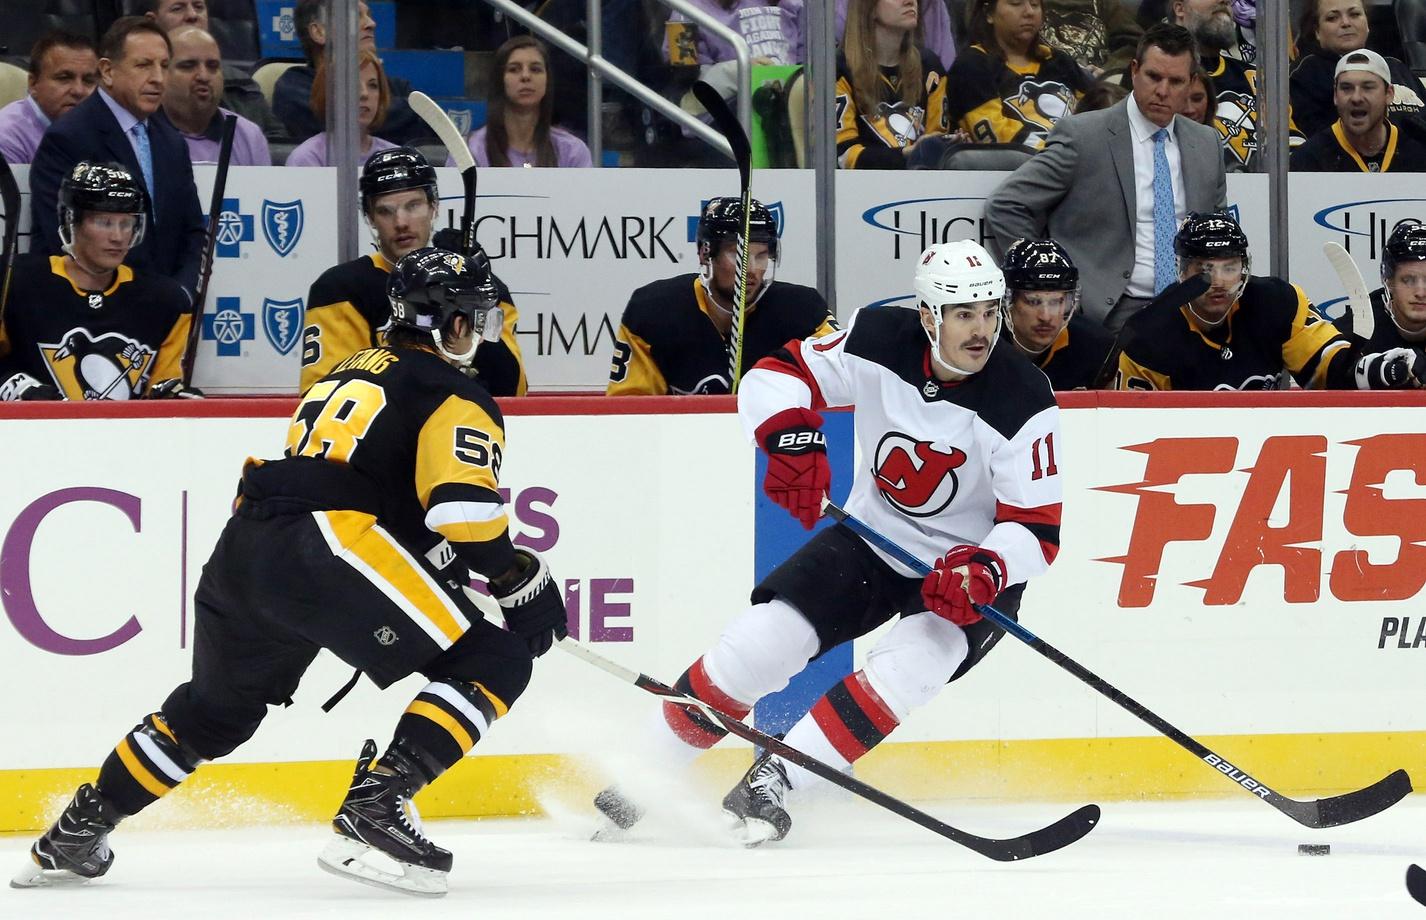 a82f7c6a5 Boyle's Hat Trick Helps Devils Defeat Penguins | 93.7 The Fan